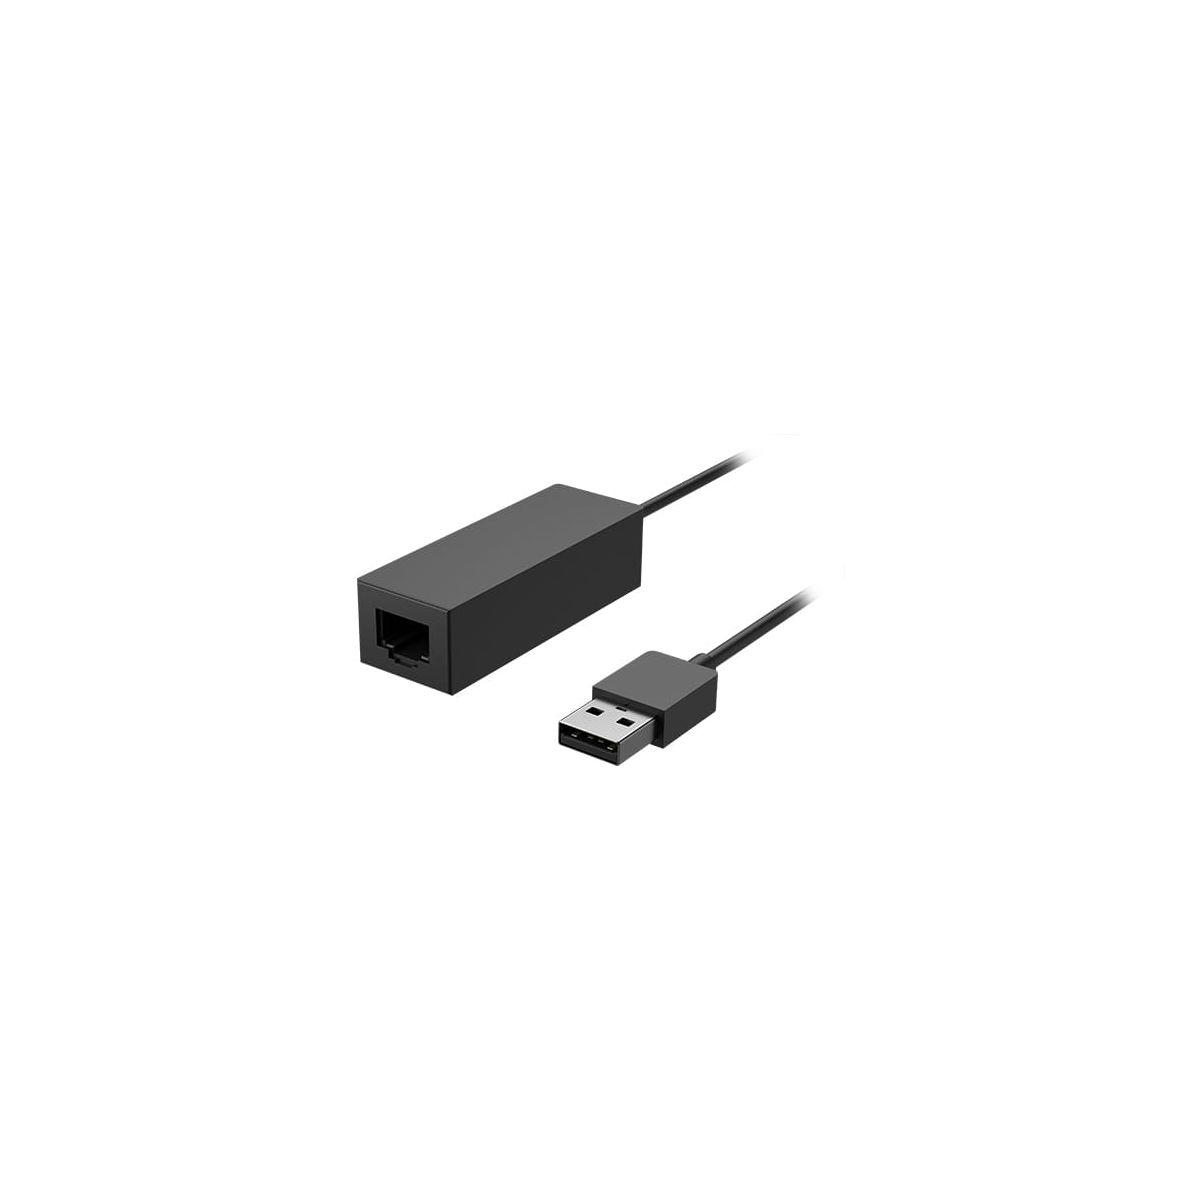 Adaptateur microsoft ethernet 3.0 pour surface - 10% de remise immédiate avec le code : multi10 (photo)